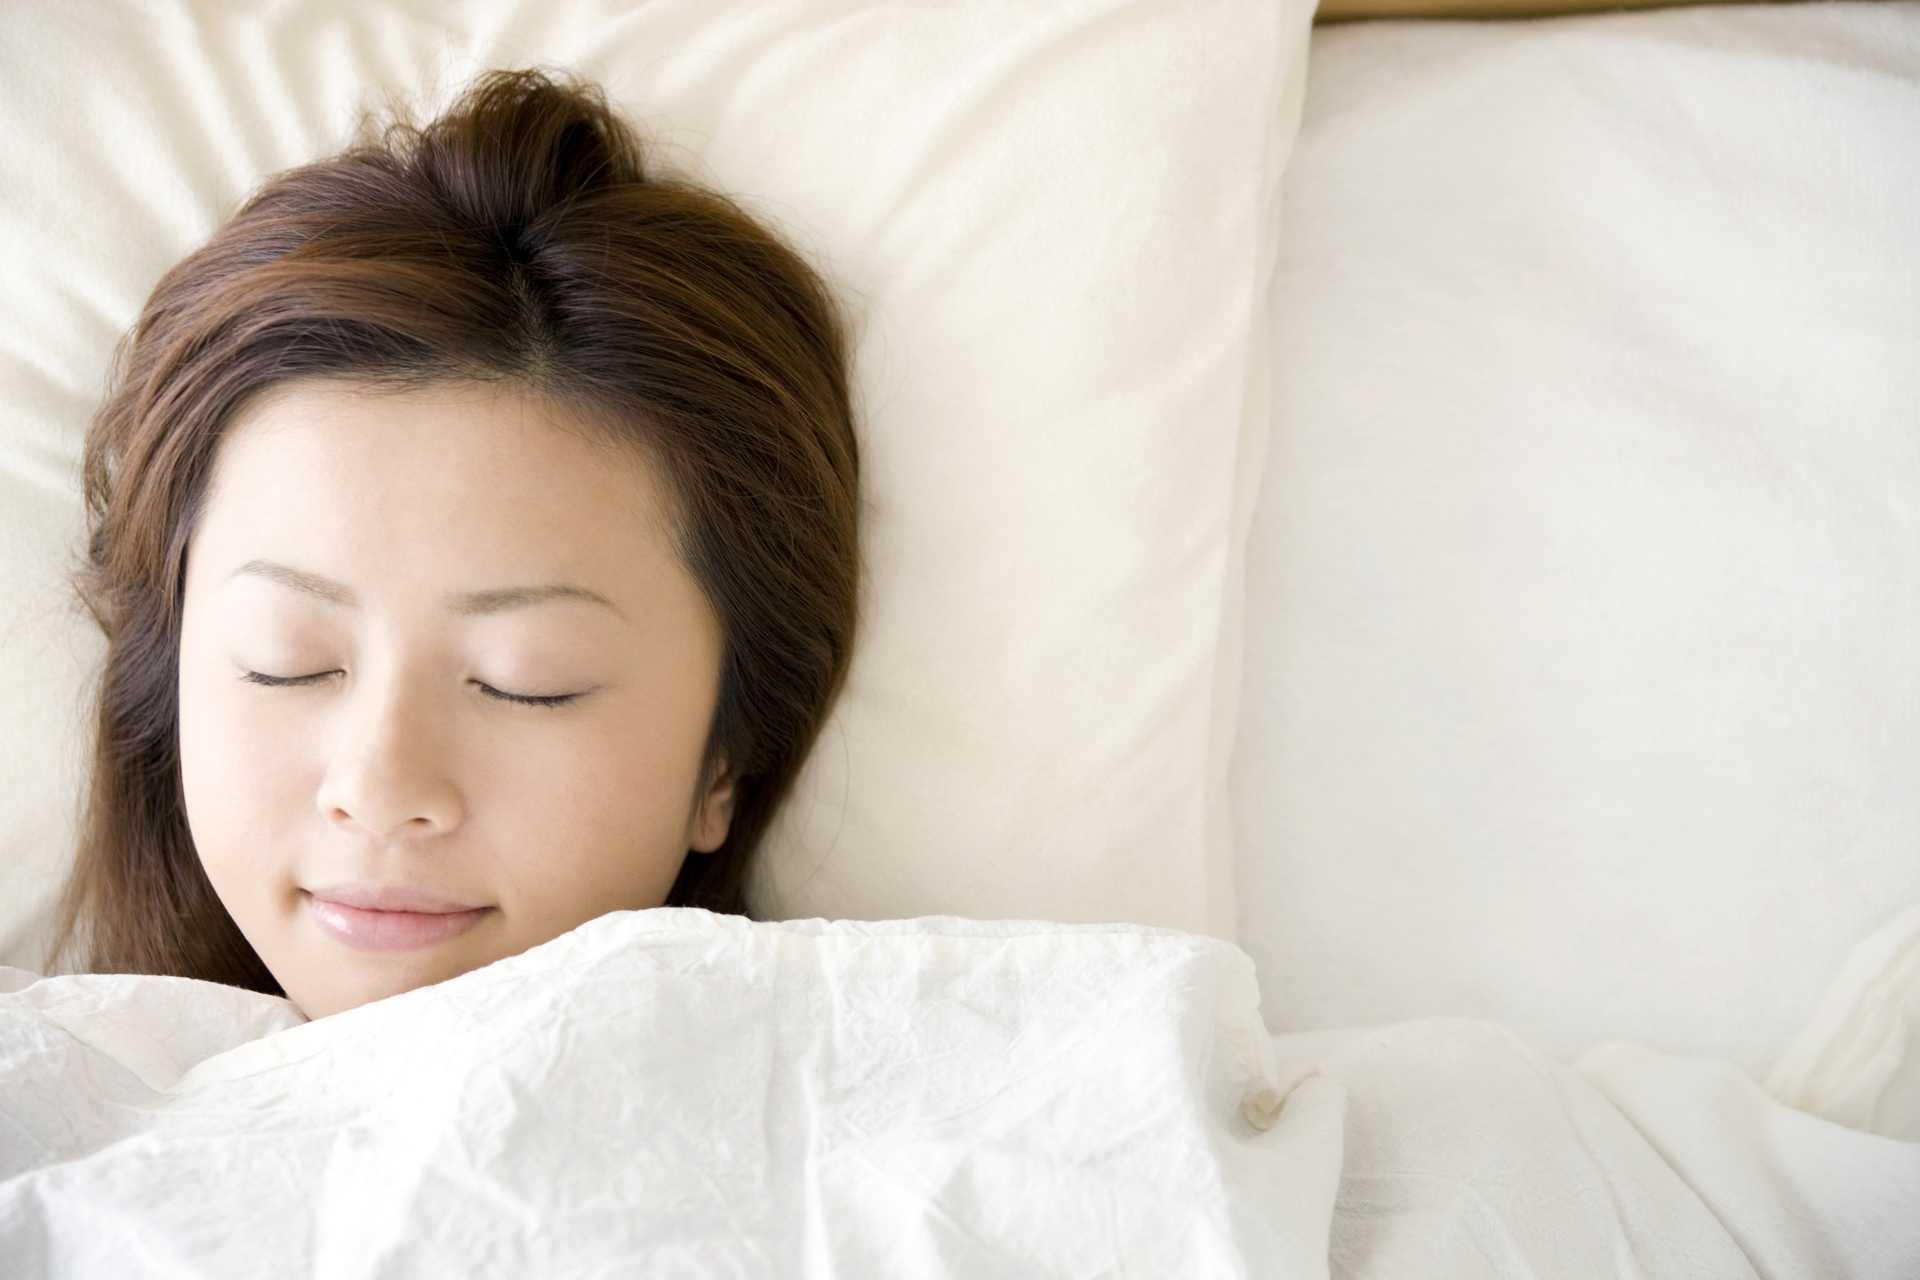 寝つきが悪いのは、何かがよくない警告である。 | 毎日を楽しく過ごす30の方法